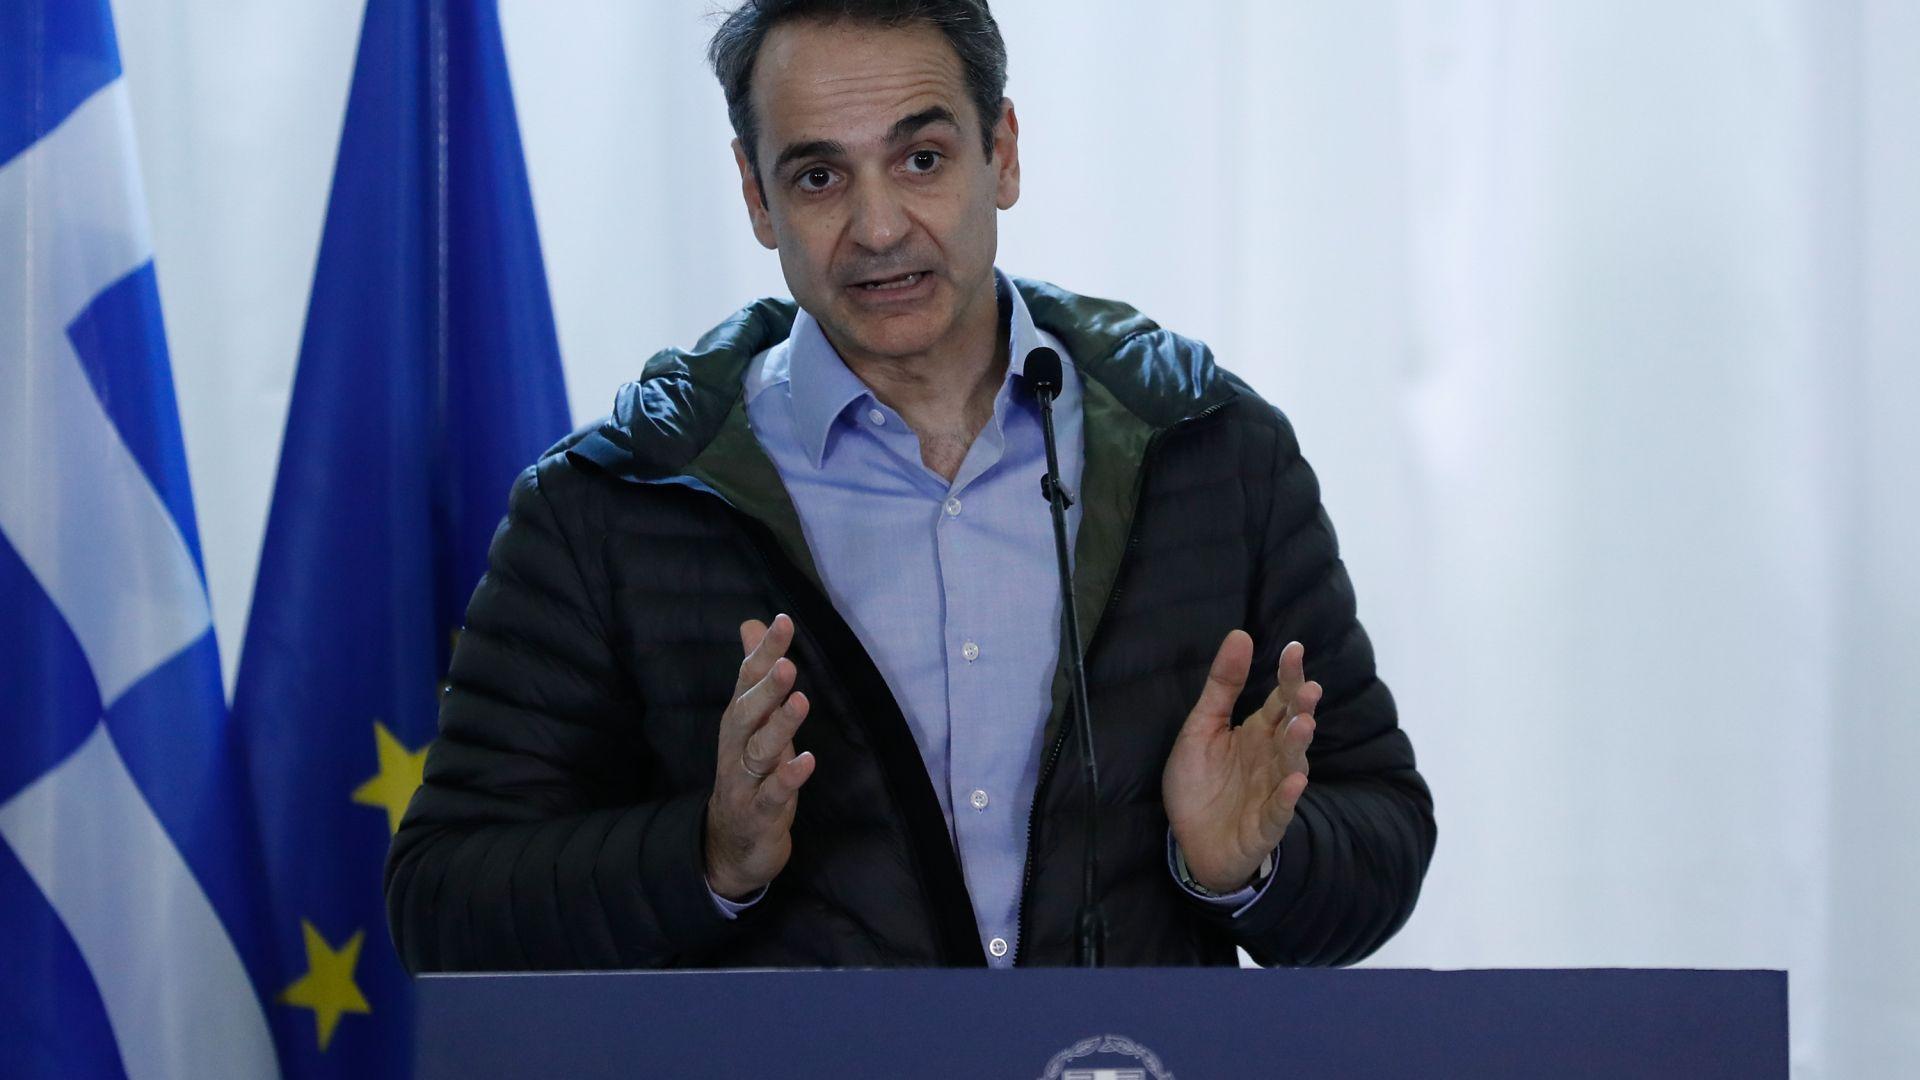 Гърция няма да приема строги икономически условия от ЕС заради помощта за COVID-19